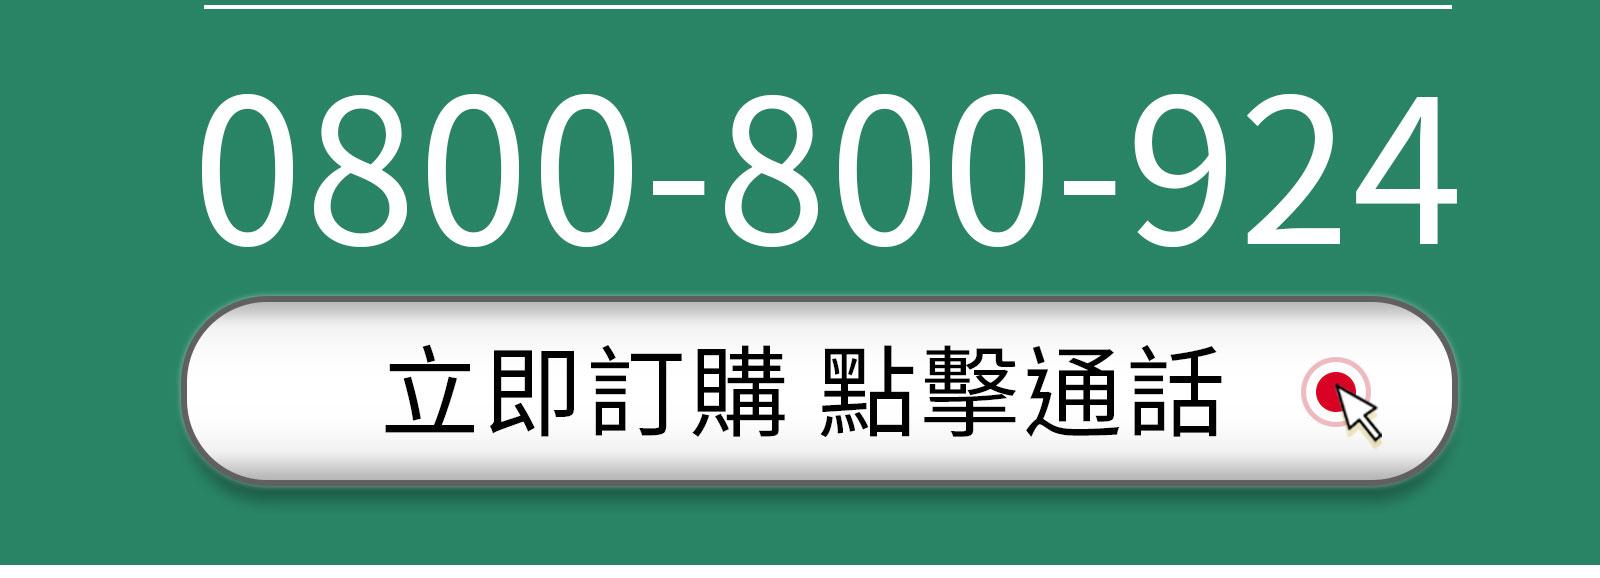 2021-UC快走對策-0800-800-924立即來電訂購